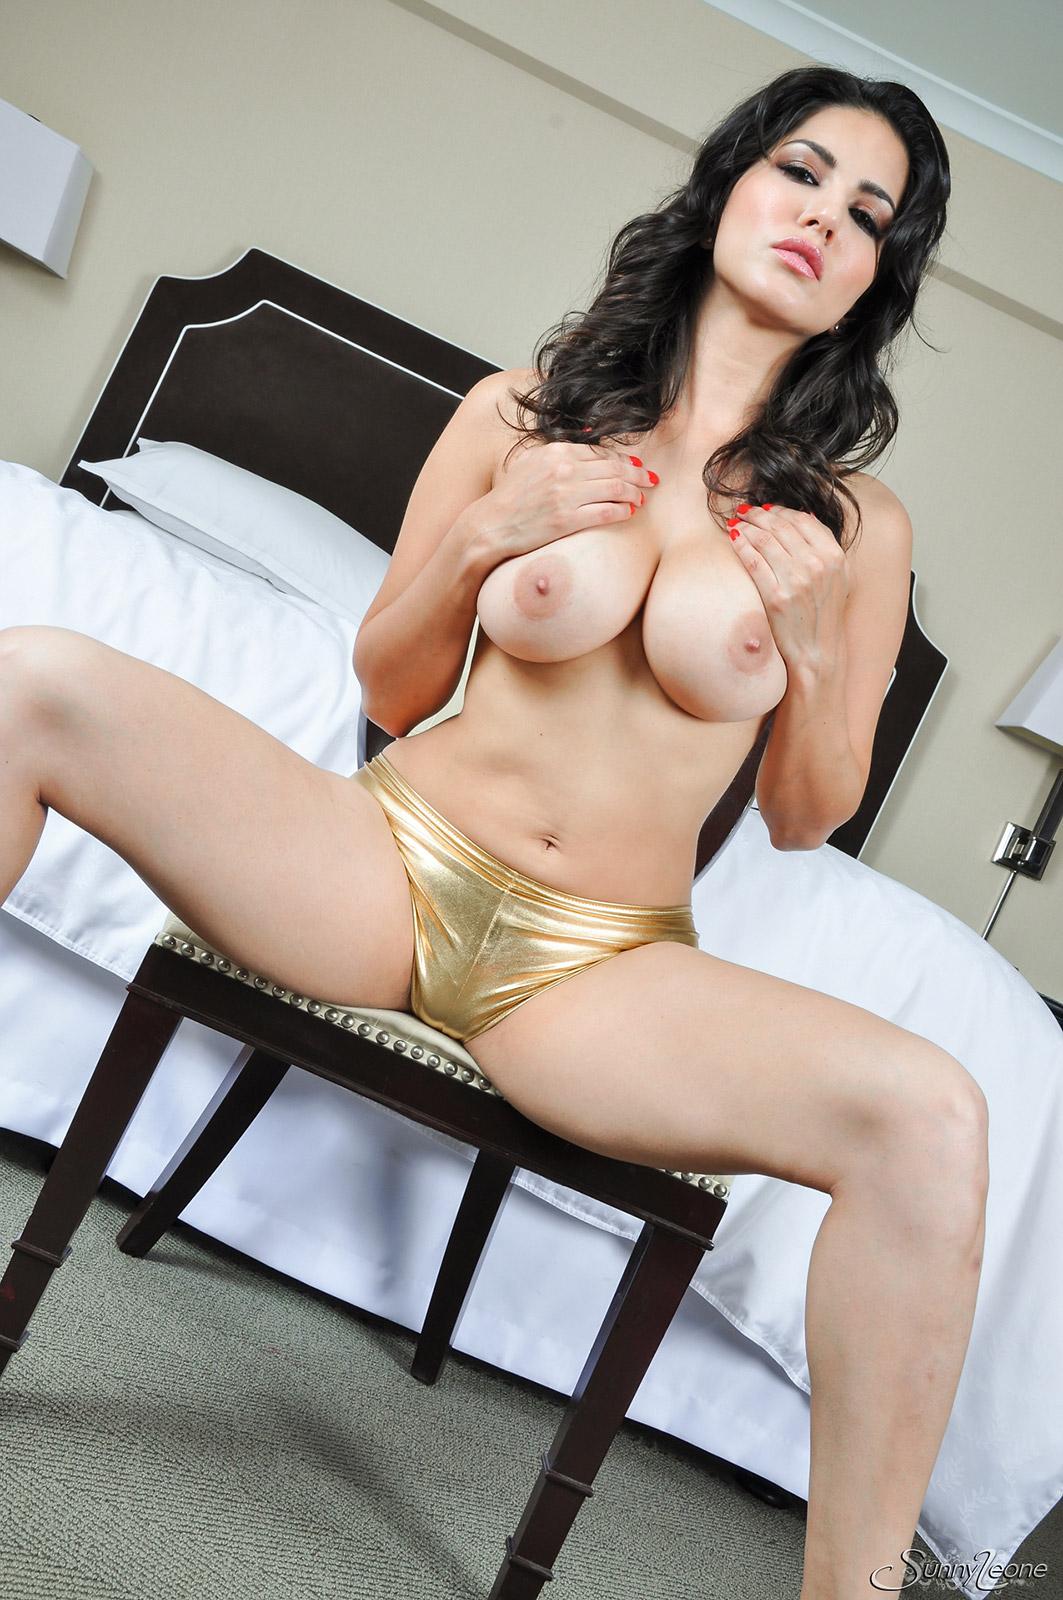 Сани леоне порно в качестве 25 фотография